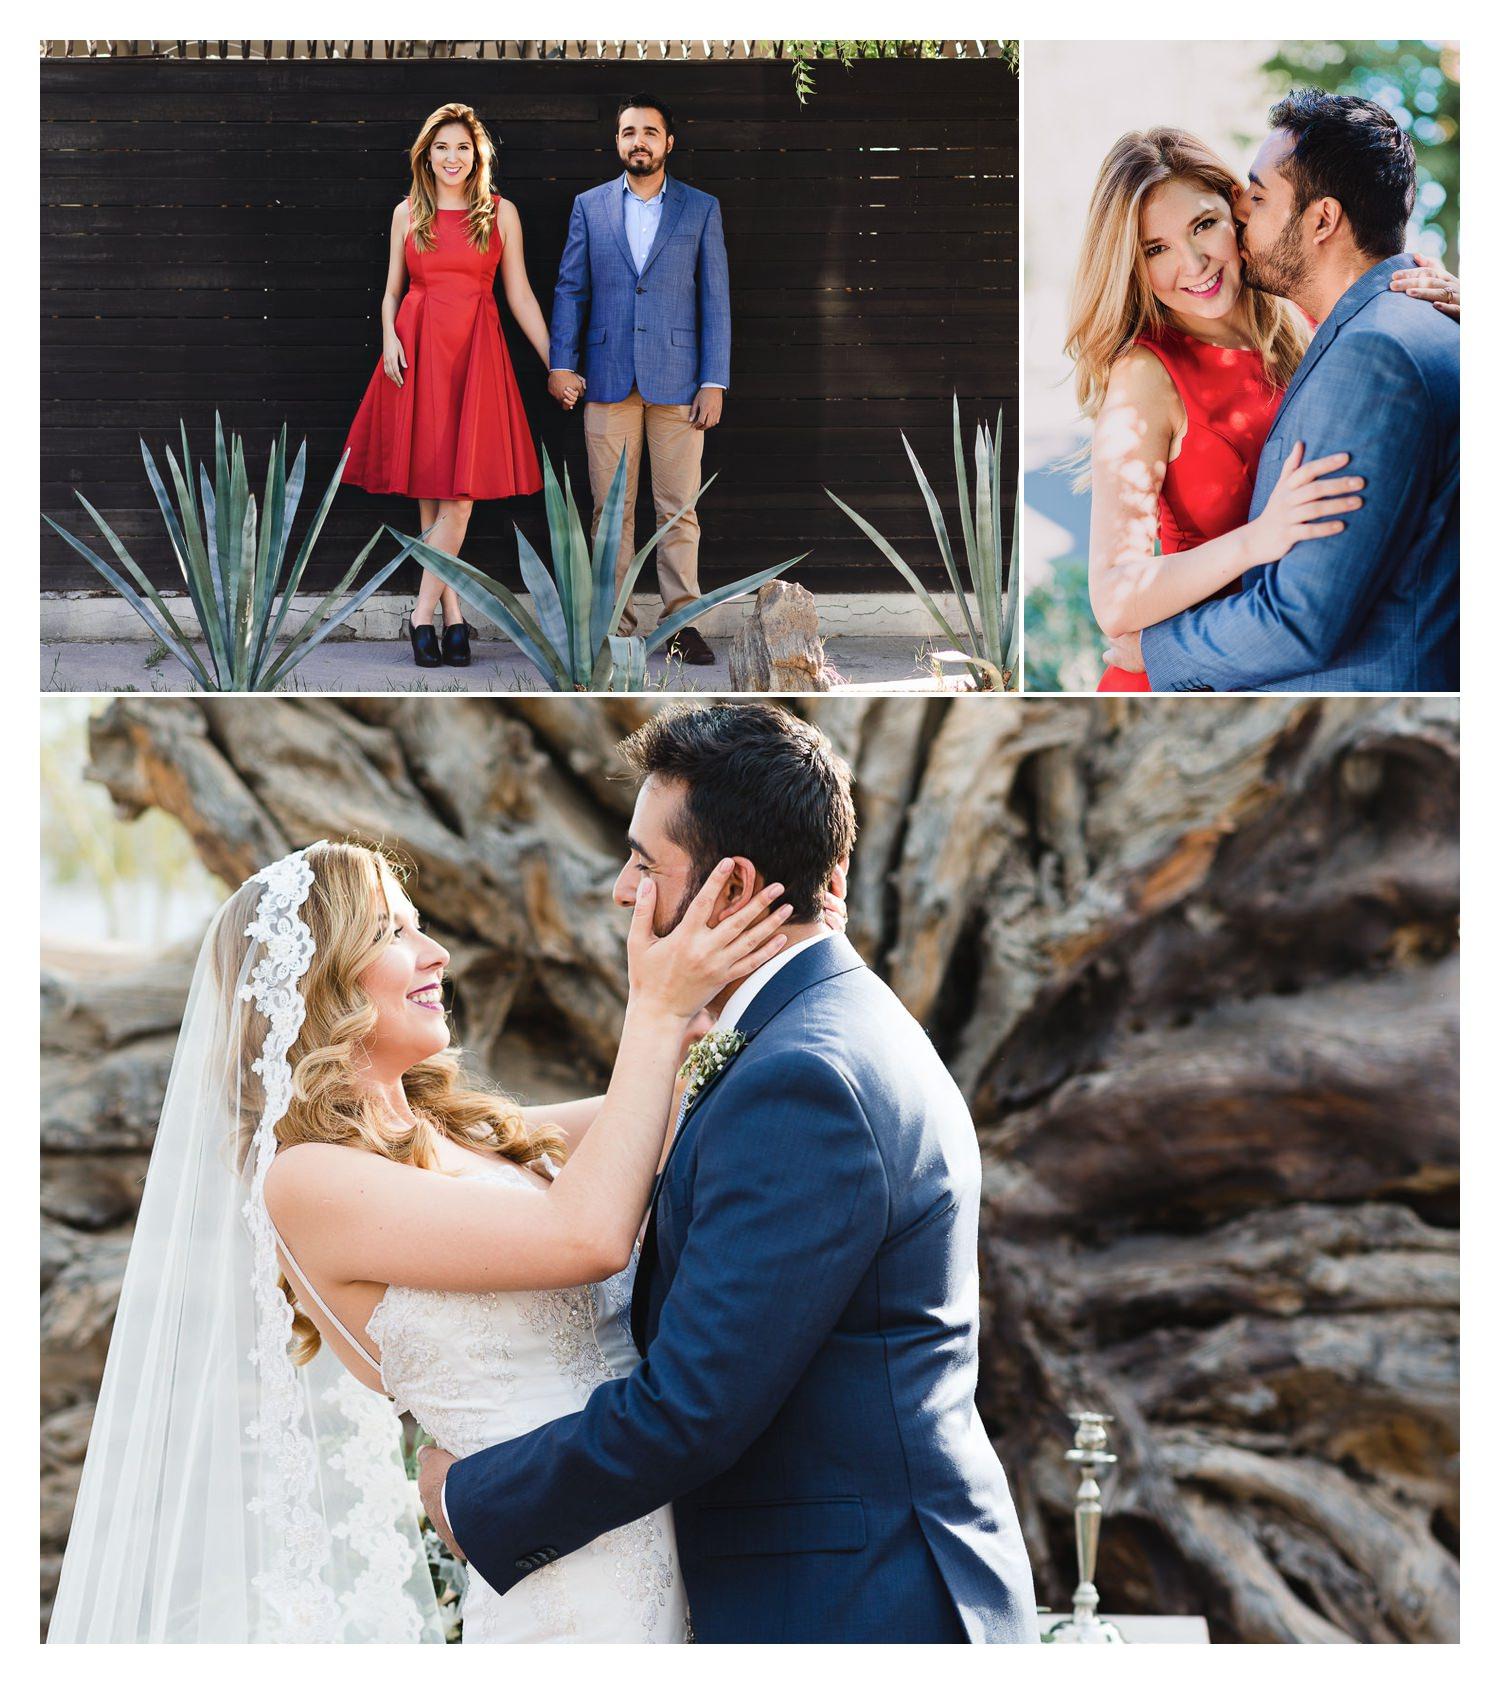 Y lo que me quitó el sueño por varias semanas, cubrir mi primer boda, que despues te platico como me fué, a esta linda pareja ya tenía el gusto de haberlos fotografiado, para que te eches una vueltita por   aquí